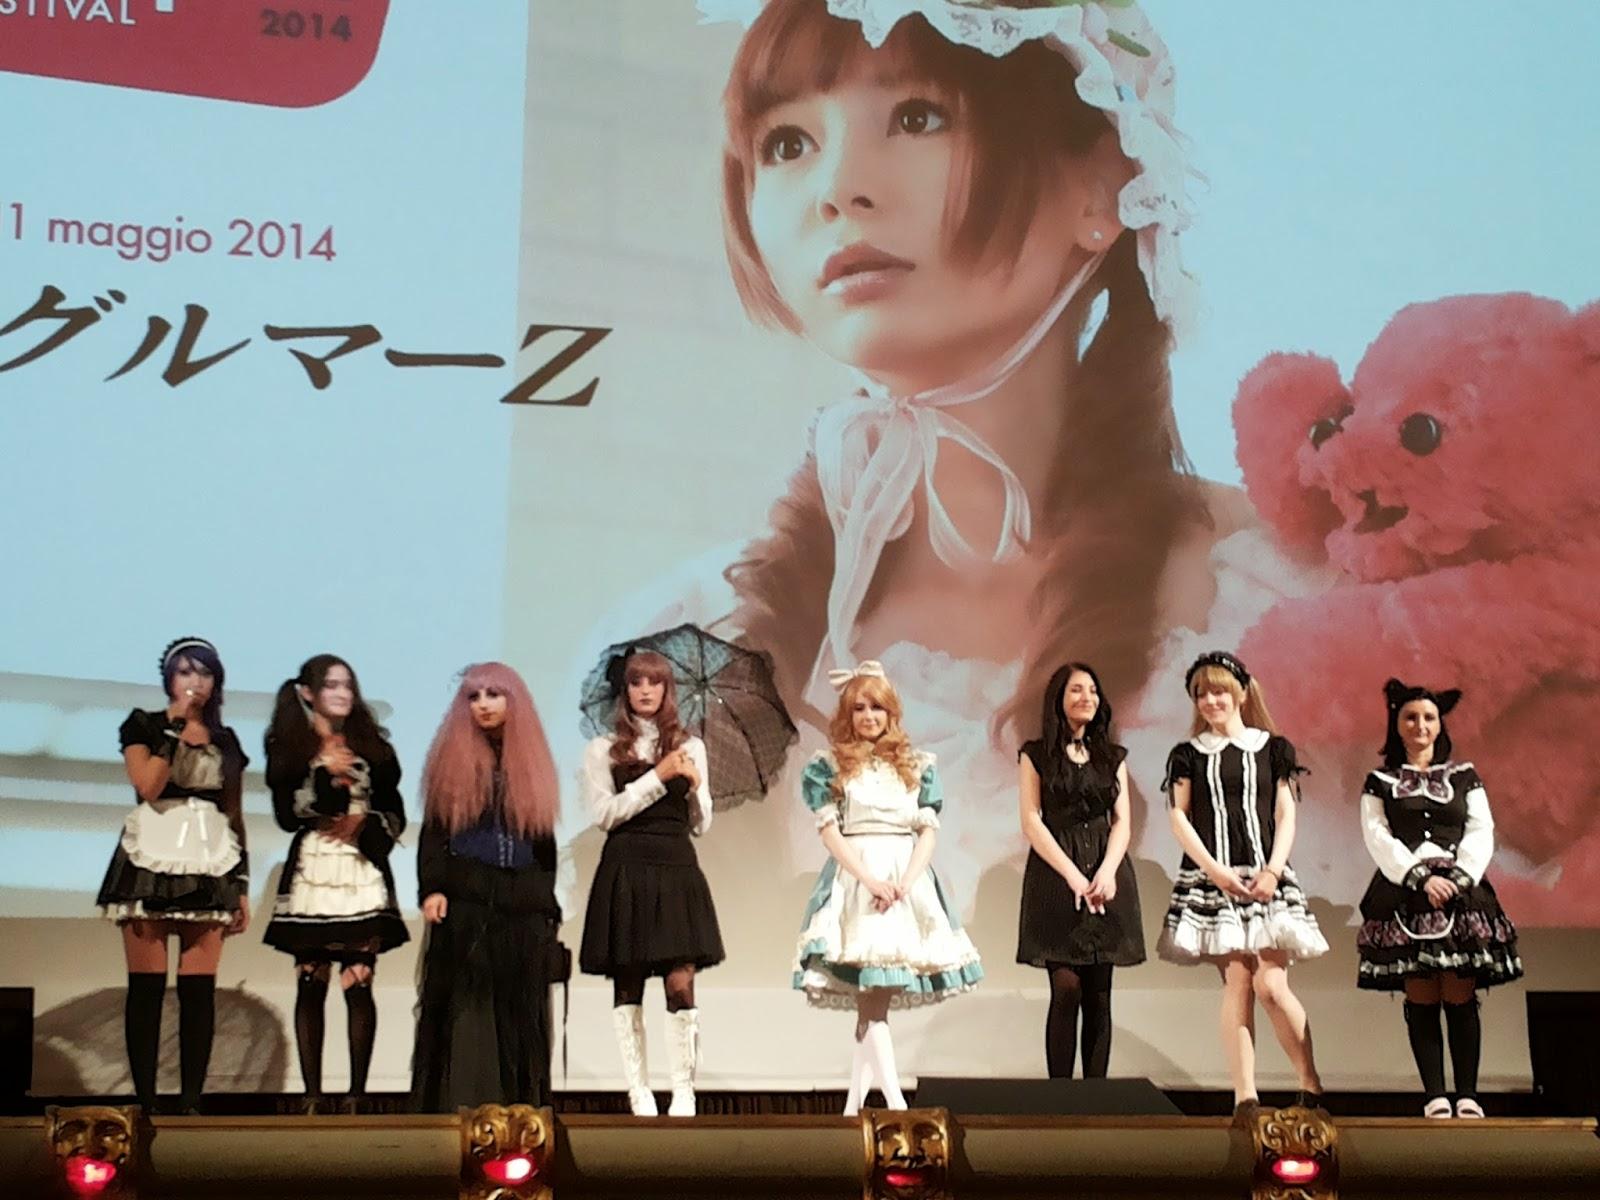 WA! JAPAN FILM FESTIVAL 2014, REPORTAGE DELLA RASSEGNA DEDICATA AL CINEMA GIAPPONESE 4